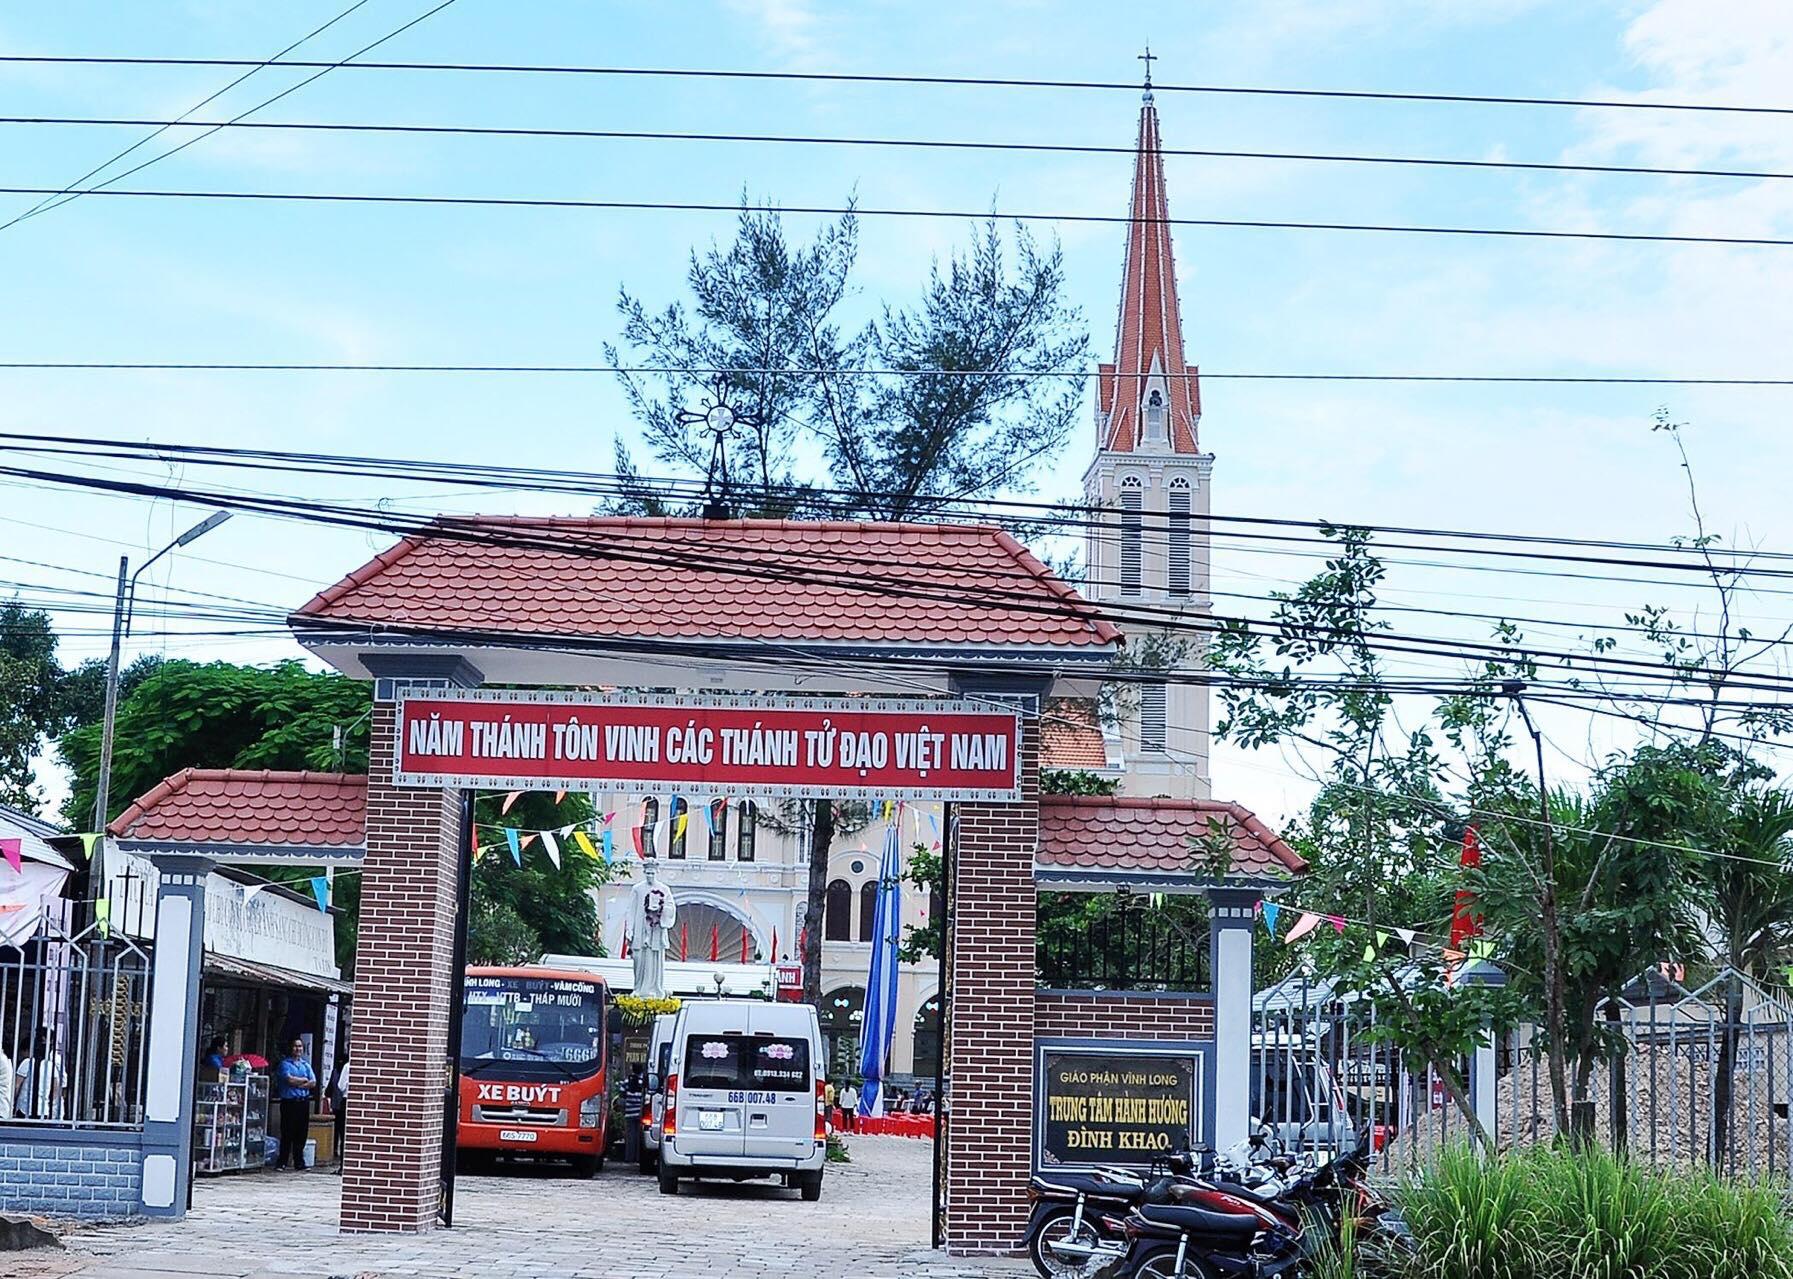 Giáo phận Vĩnh Long: Khai mạc Năm Thánh kính các Thánh tử đạo Việt Nam